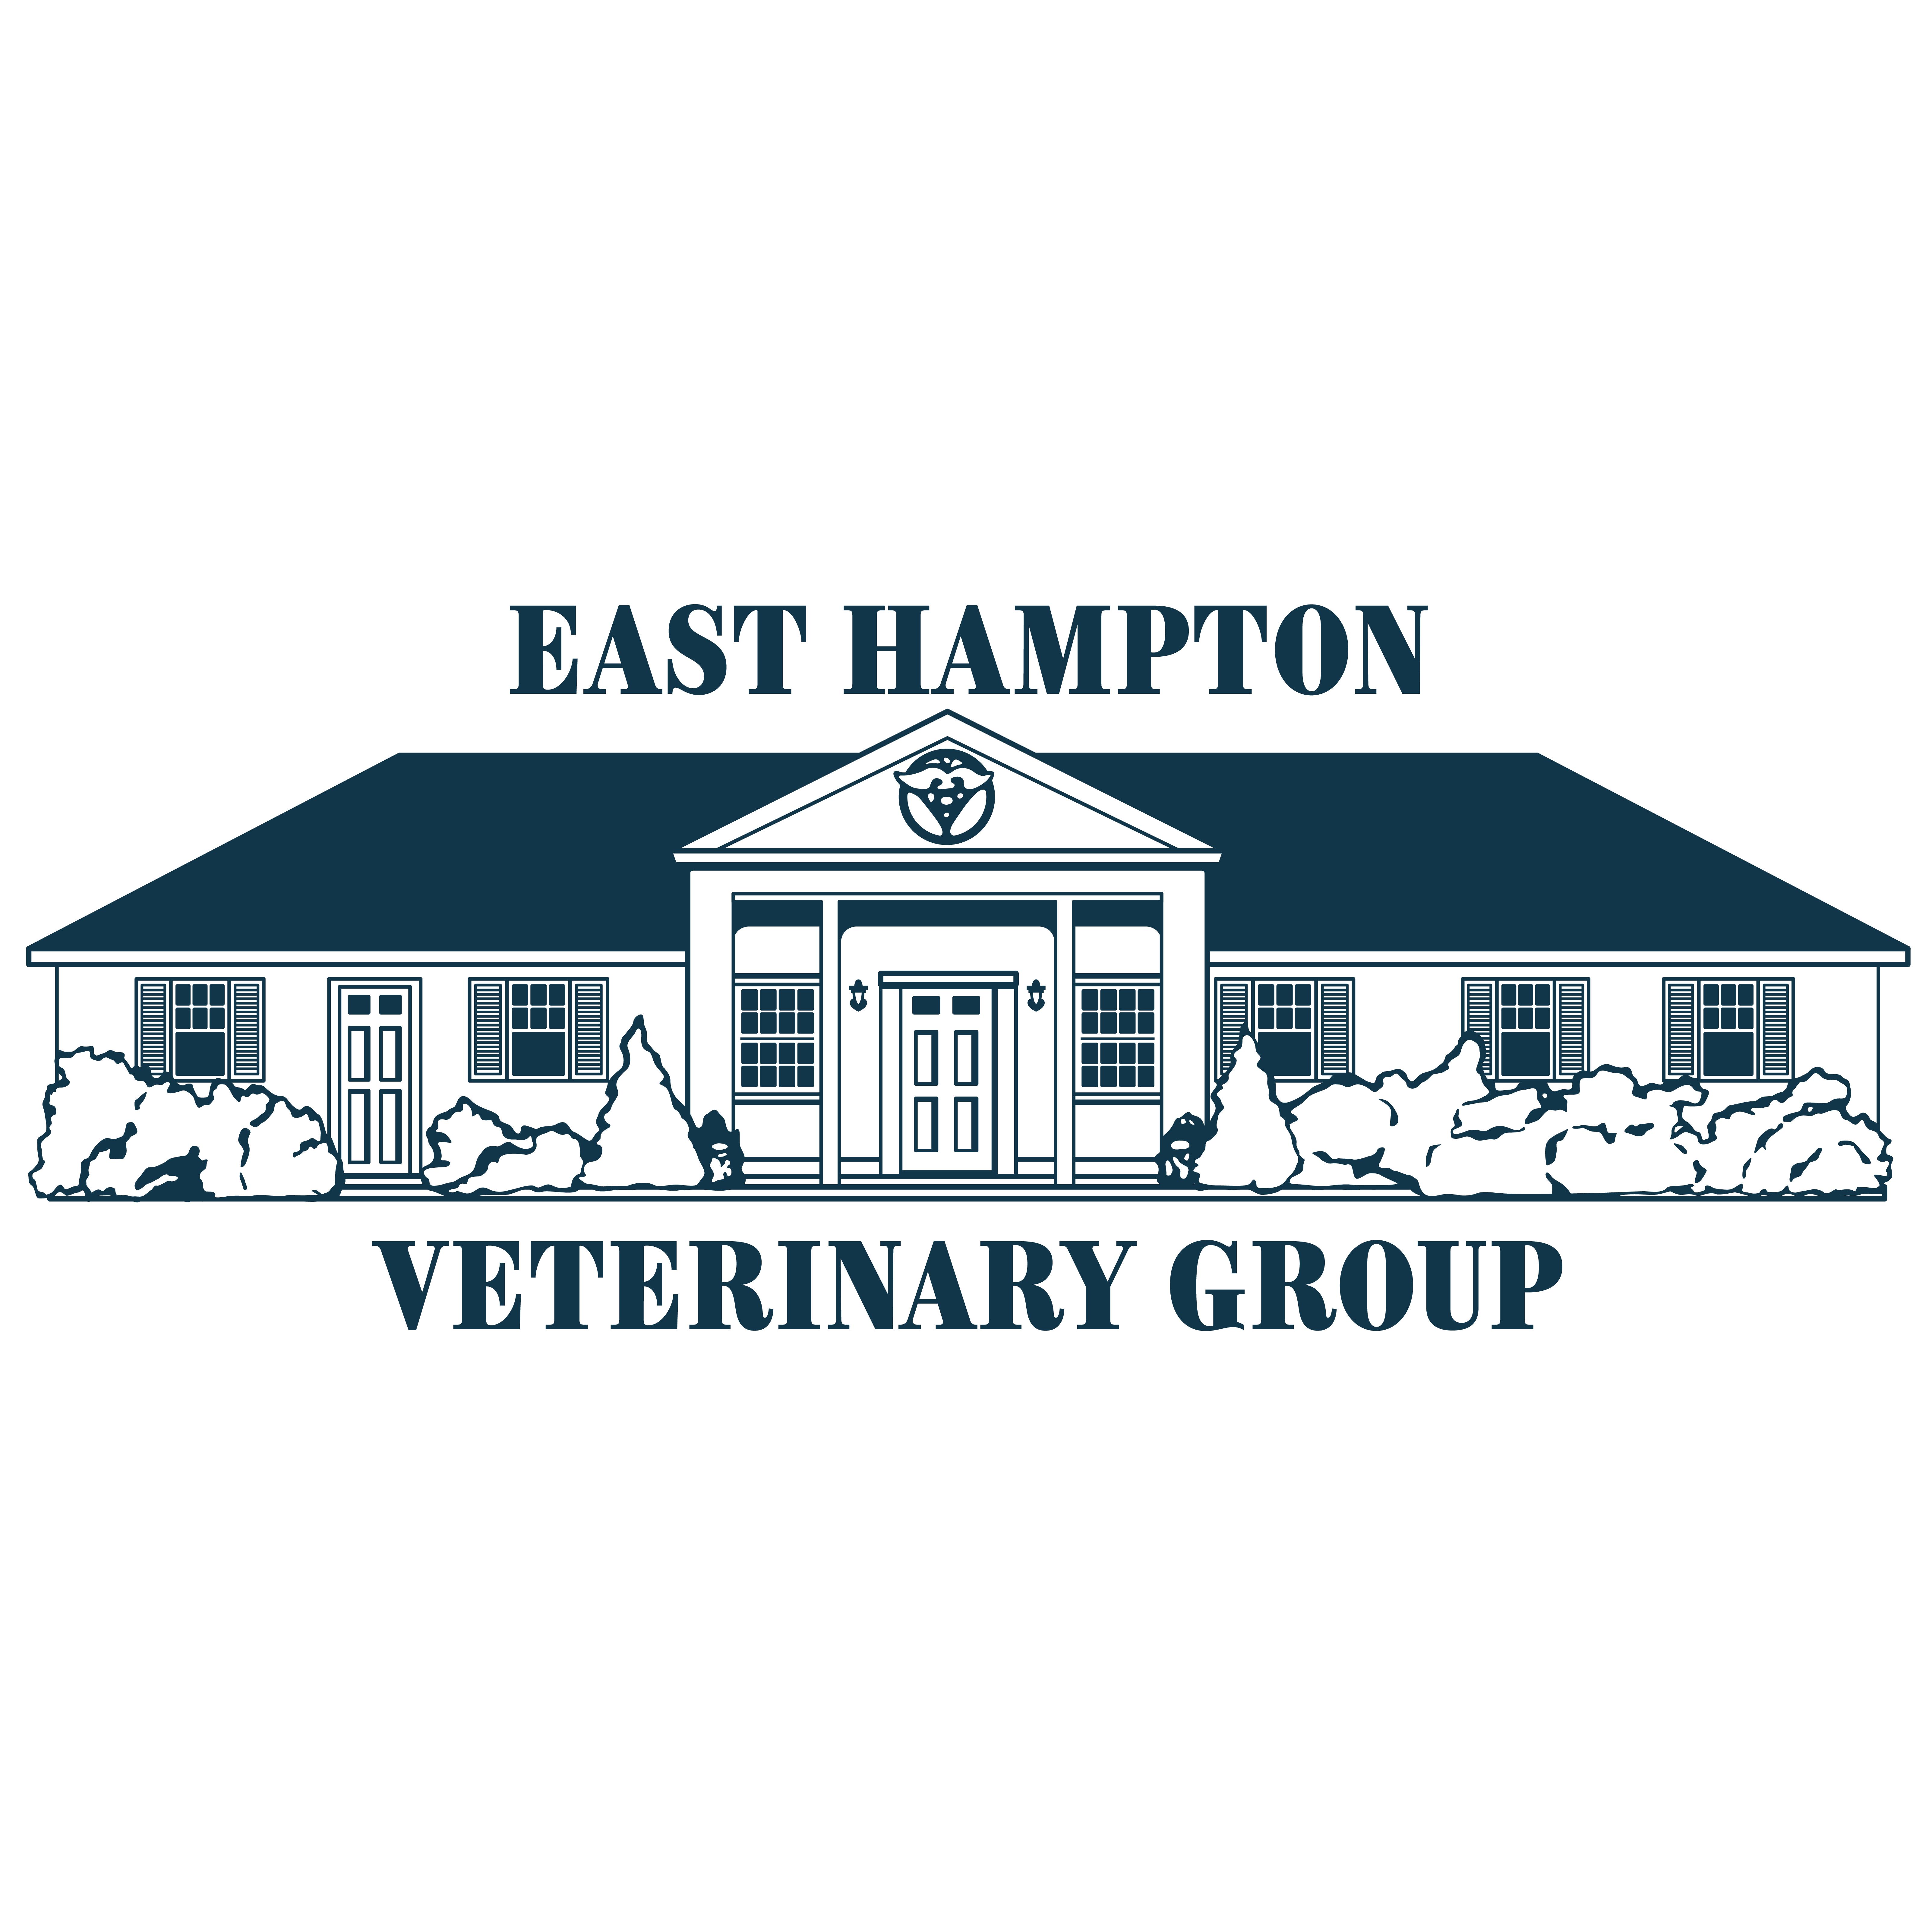 East Hampton Veterinary Group - East Hampton, NY - Veterinarians